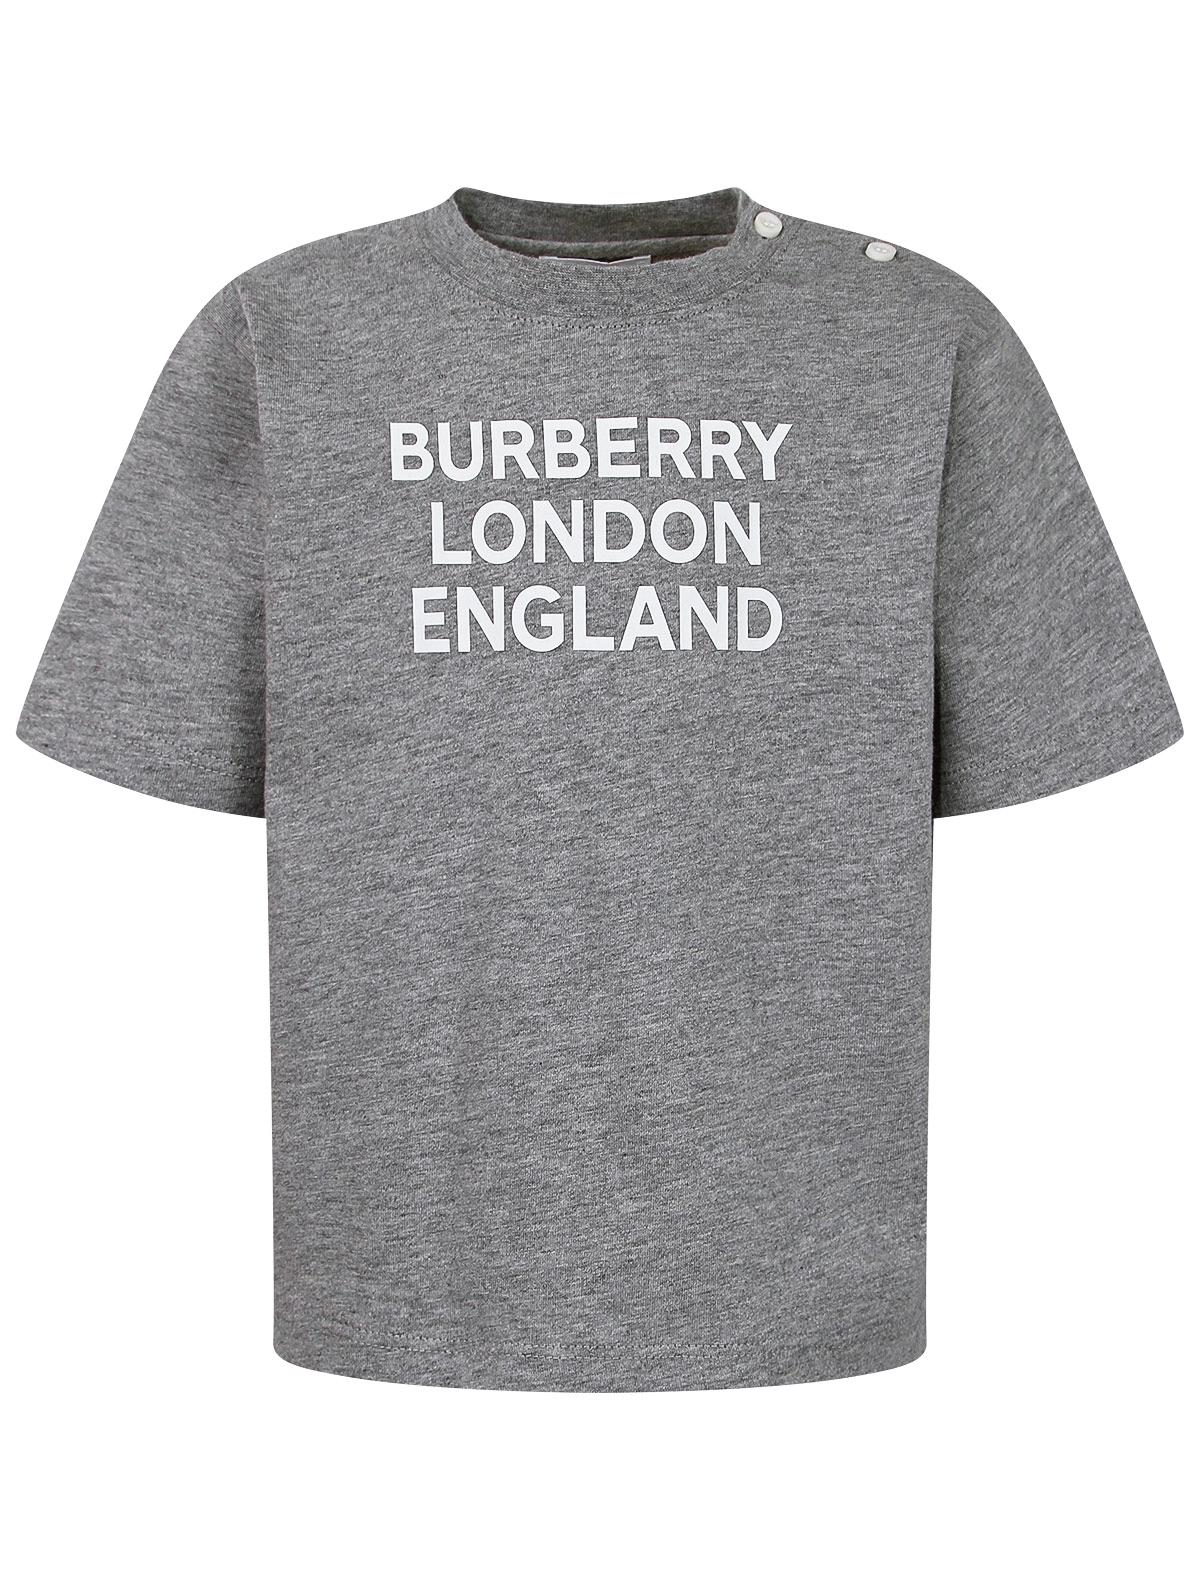 2289792, Футболка Burberry, серый, 1134529174610  - купить со скидкой